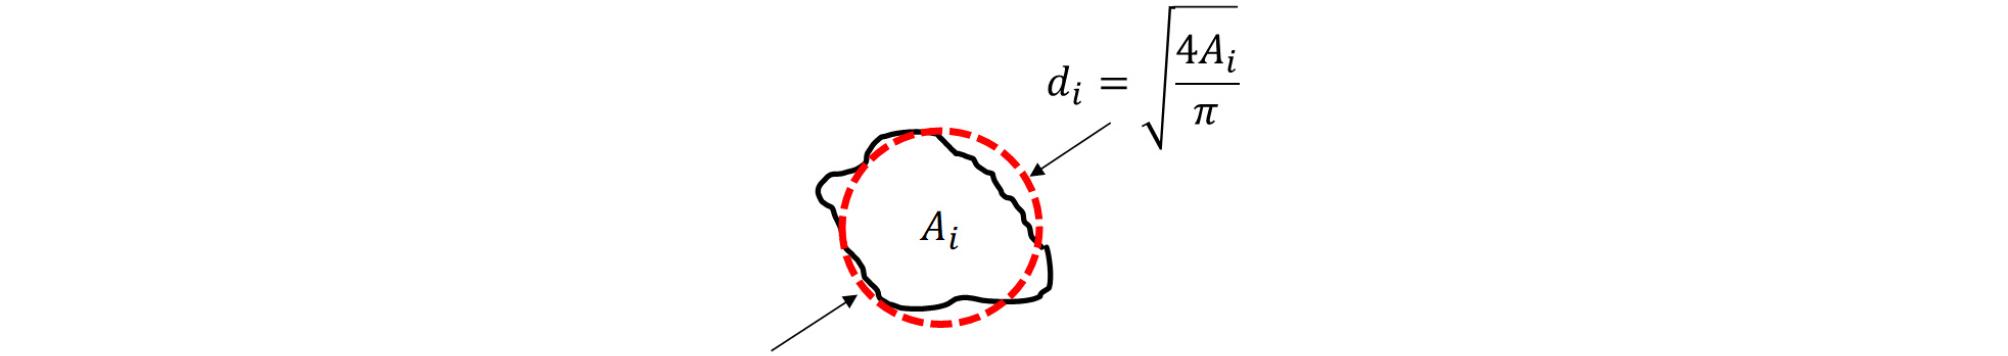 http://static.apub.kr/journalsite/sites/jcoseik/2020-033-04/N0040330403/images/Figure_jcoseik_33_04_03_F11.jpg